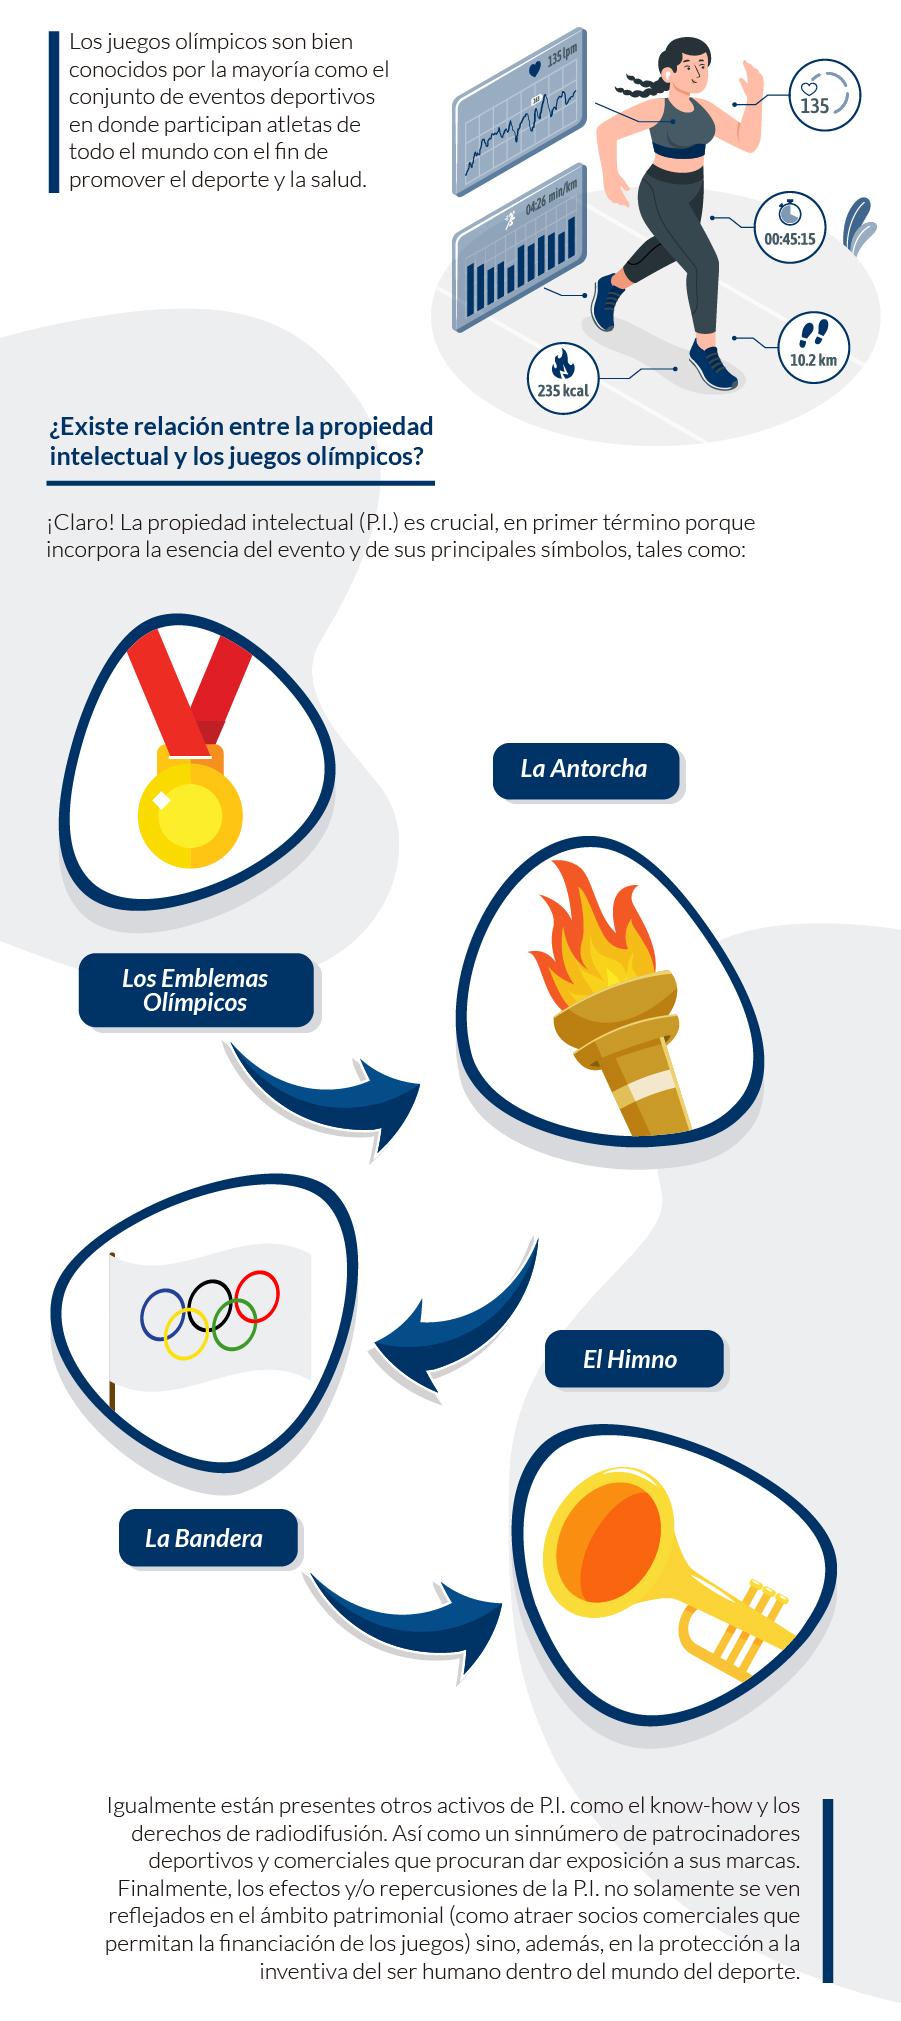 relación entre los juegos olímpicos y la propiedad intelectual